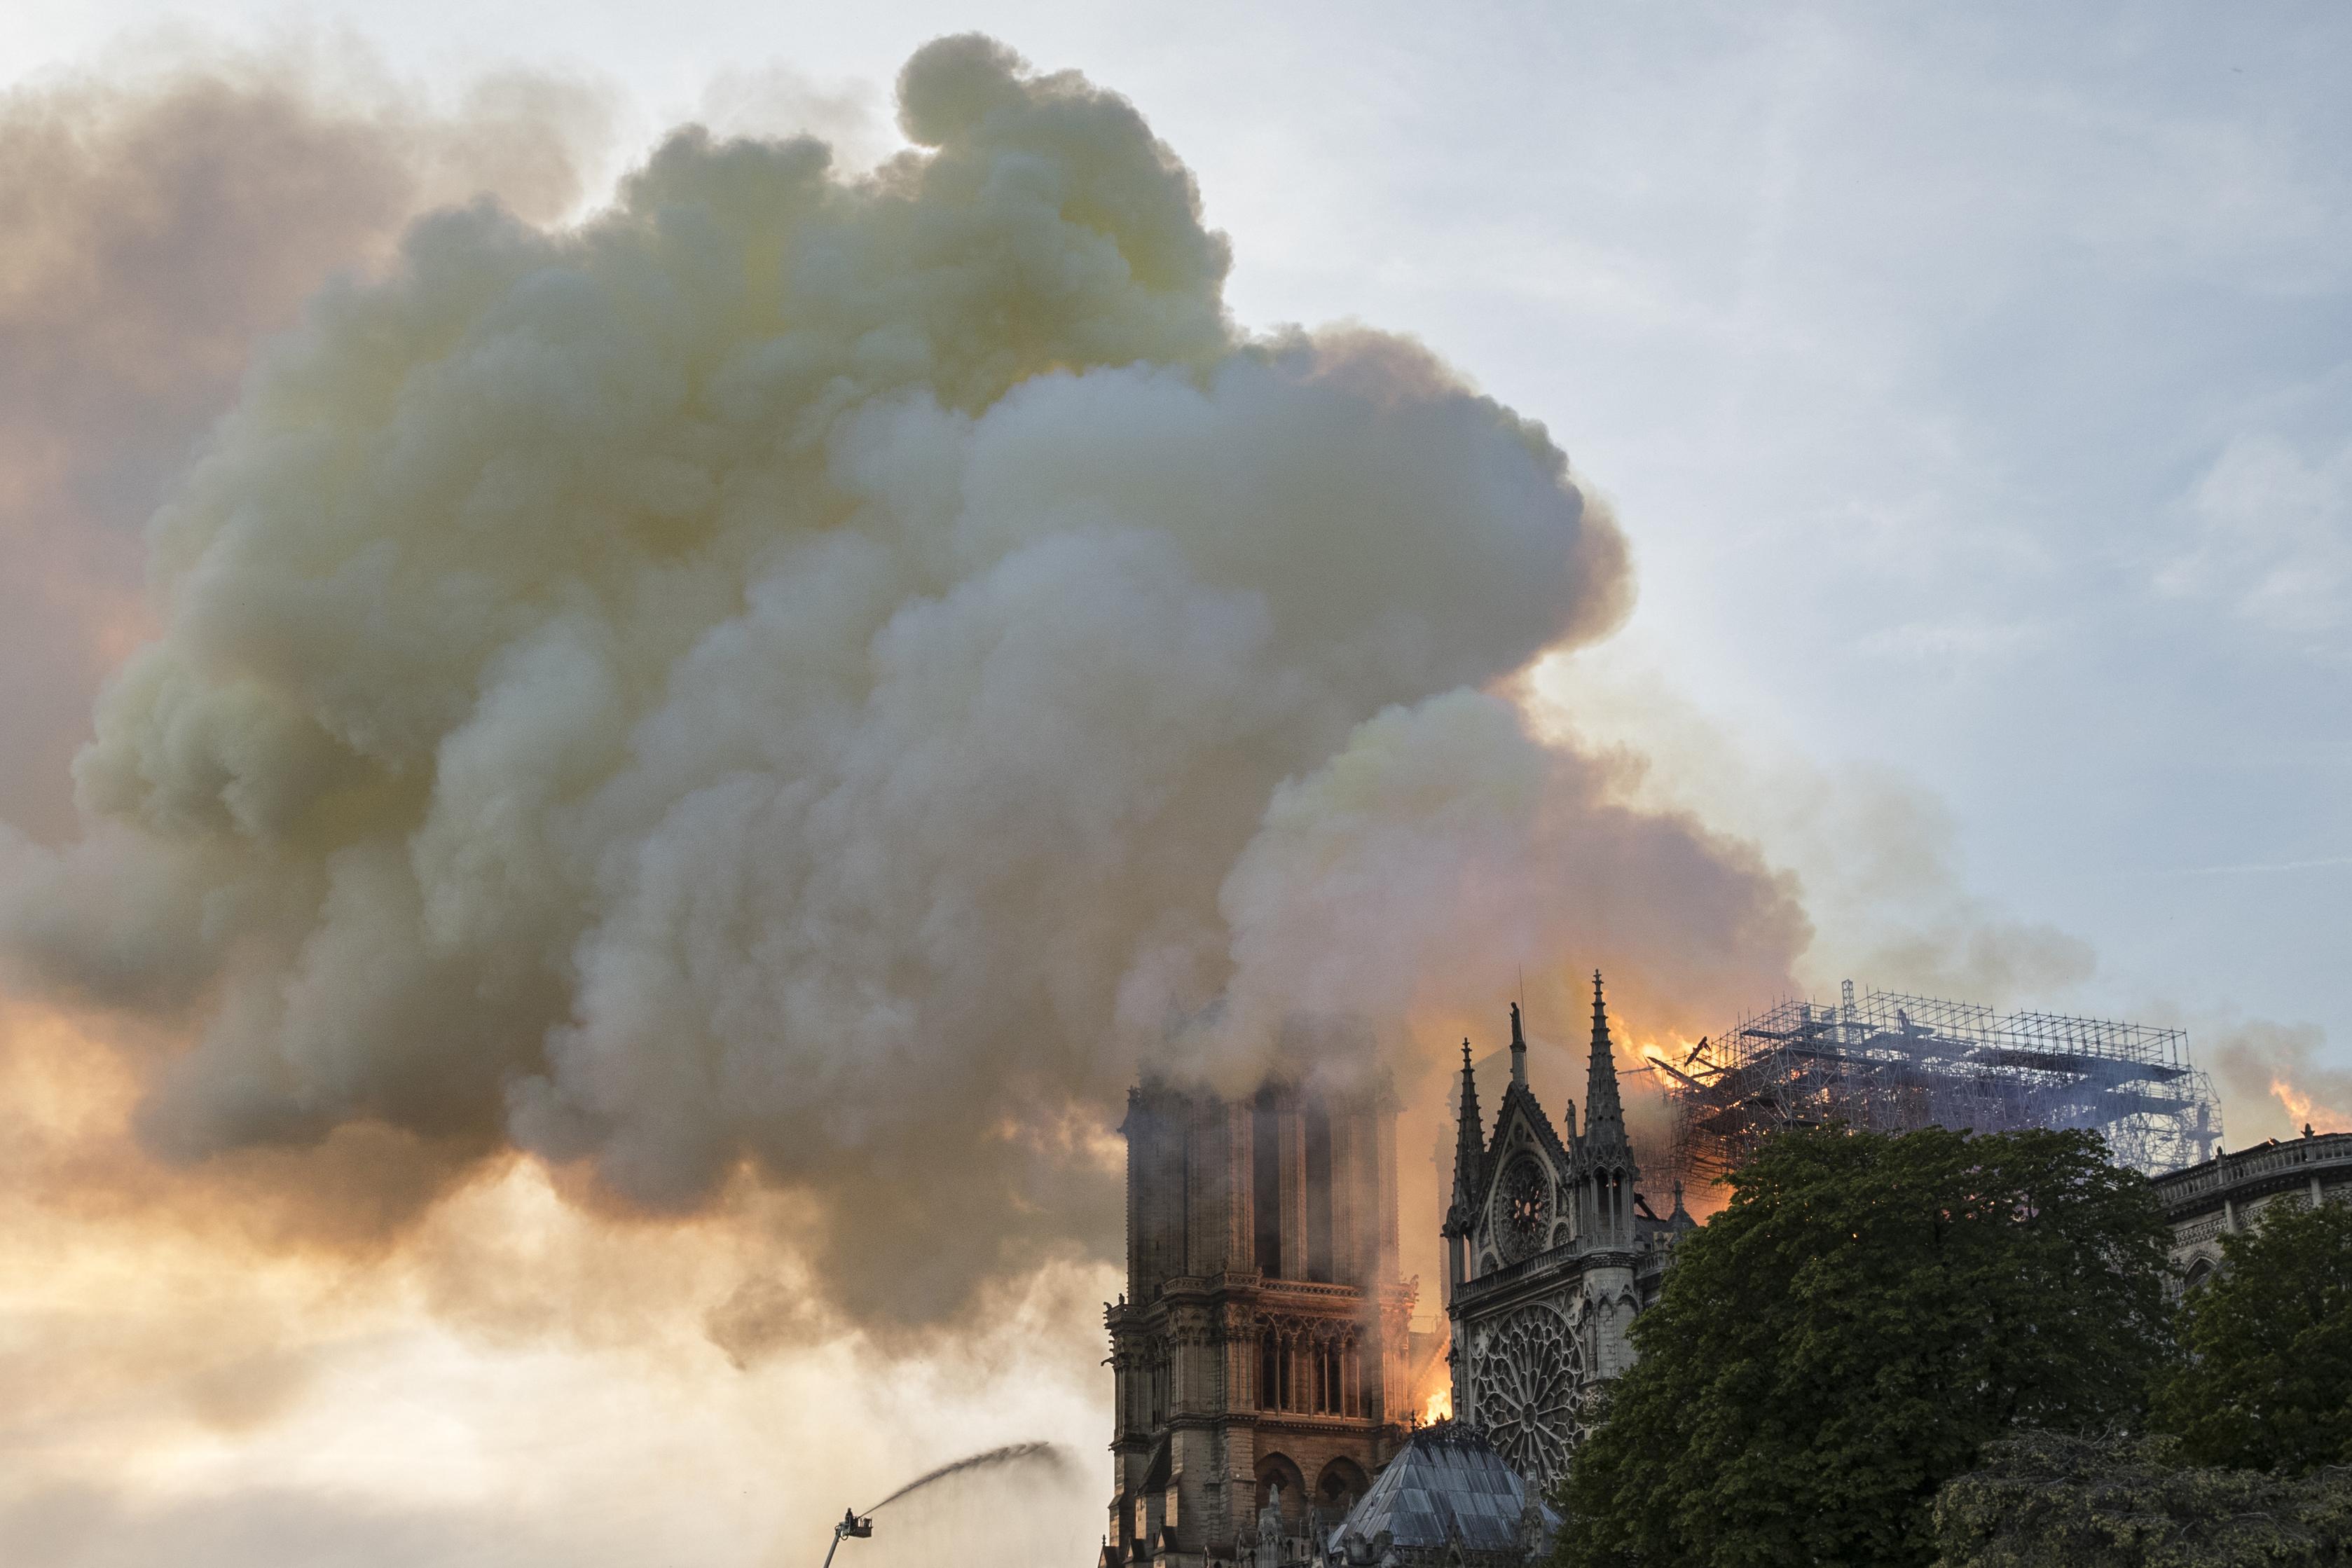 دخان كثيف يتصاعد من سقف كاتدرائية نوتردام